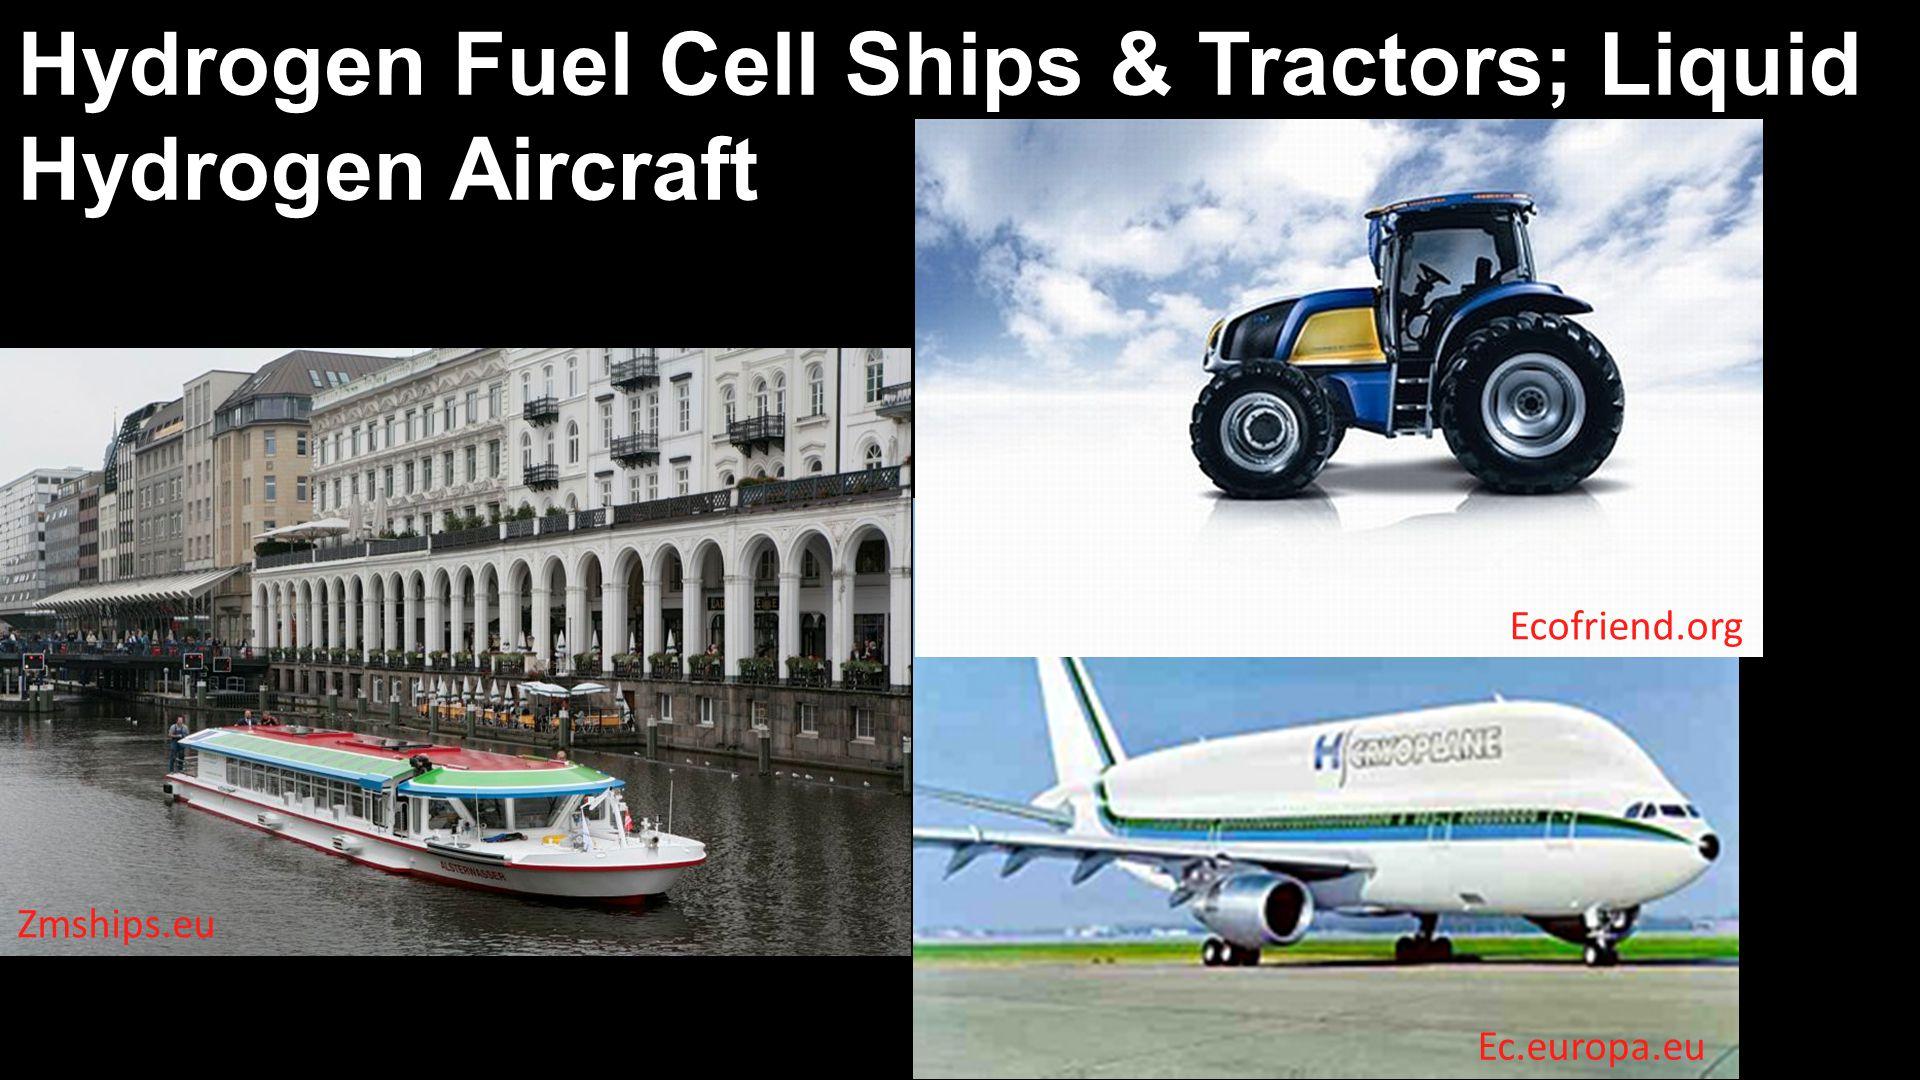 Zmships.eu Hydrogen Fuel Cell Ships & Tractors; Liquid Hydrogen Aircraft Ecofriend.org Ec.europa.eu